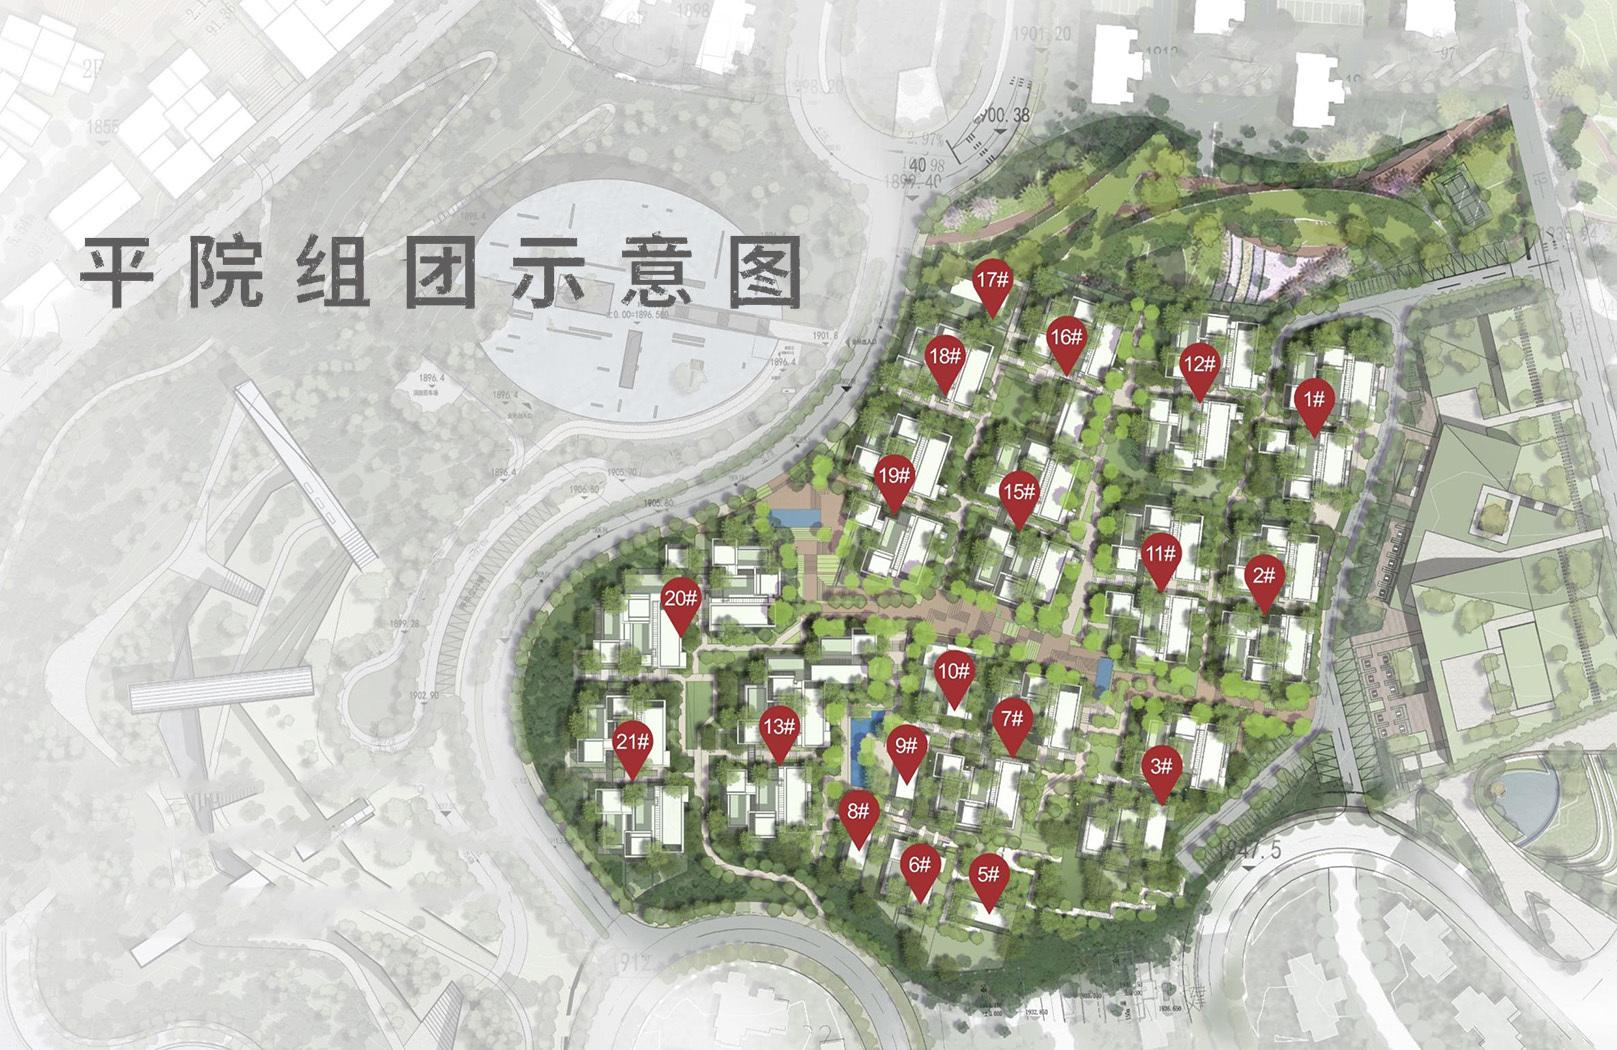 万科抚仙湖别墅 平院组团楼栋分布平面图